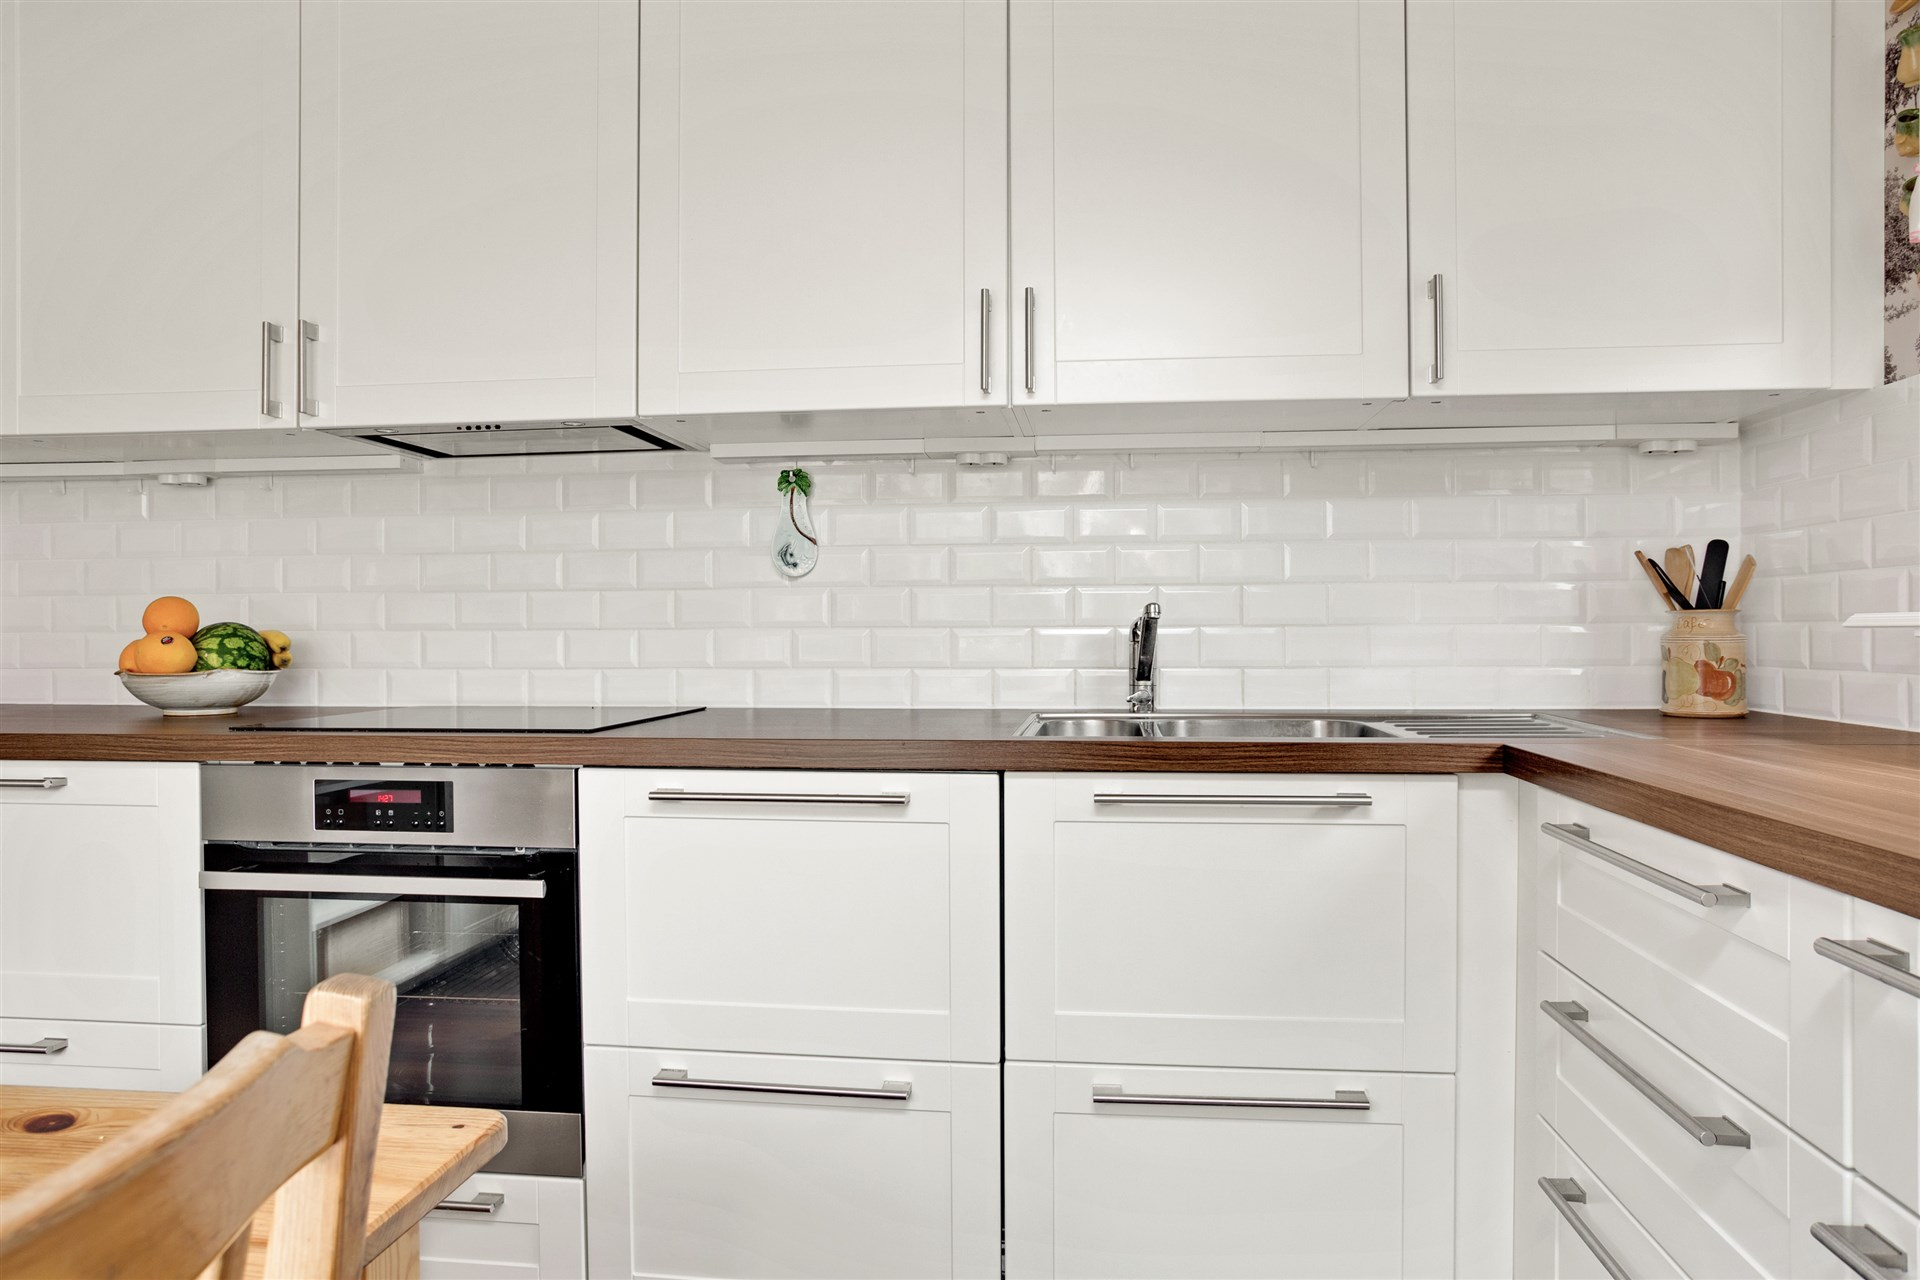 Laninatklädda bänkskivor och både utdragslådor och överskåp i köket.